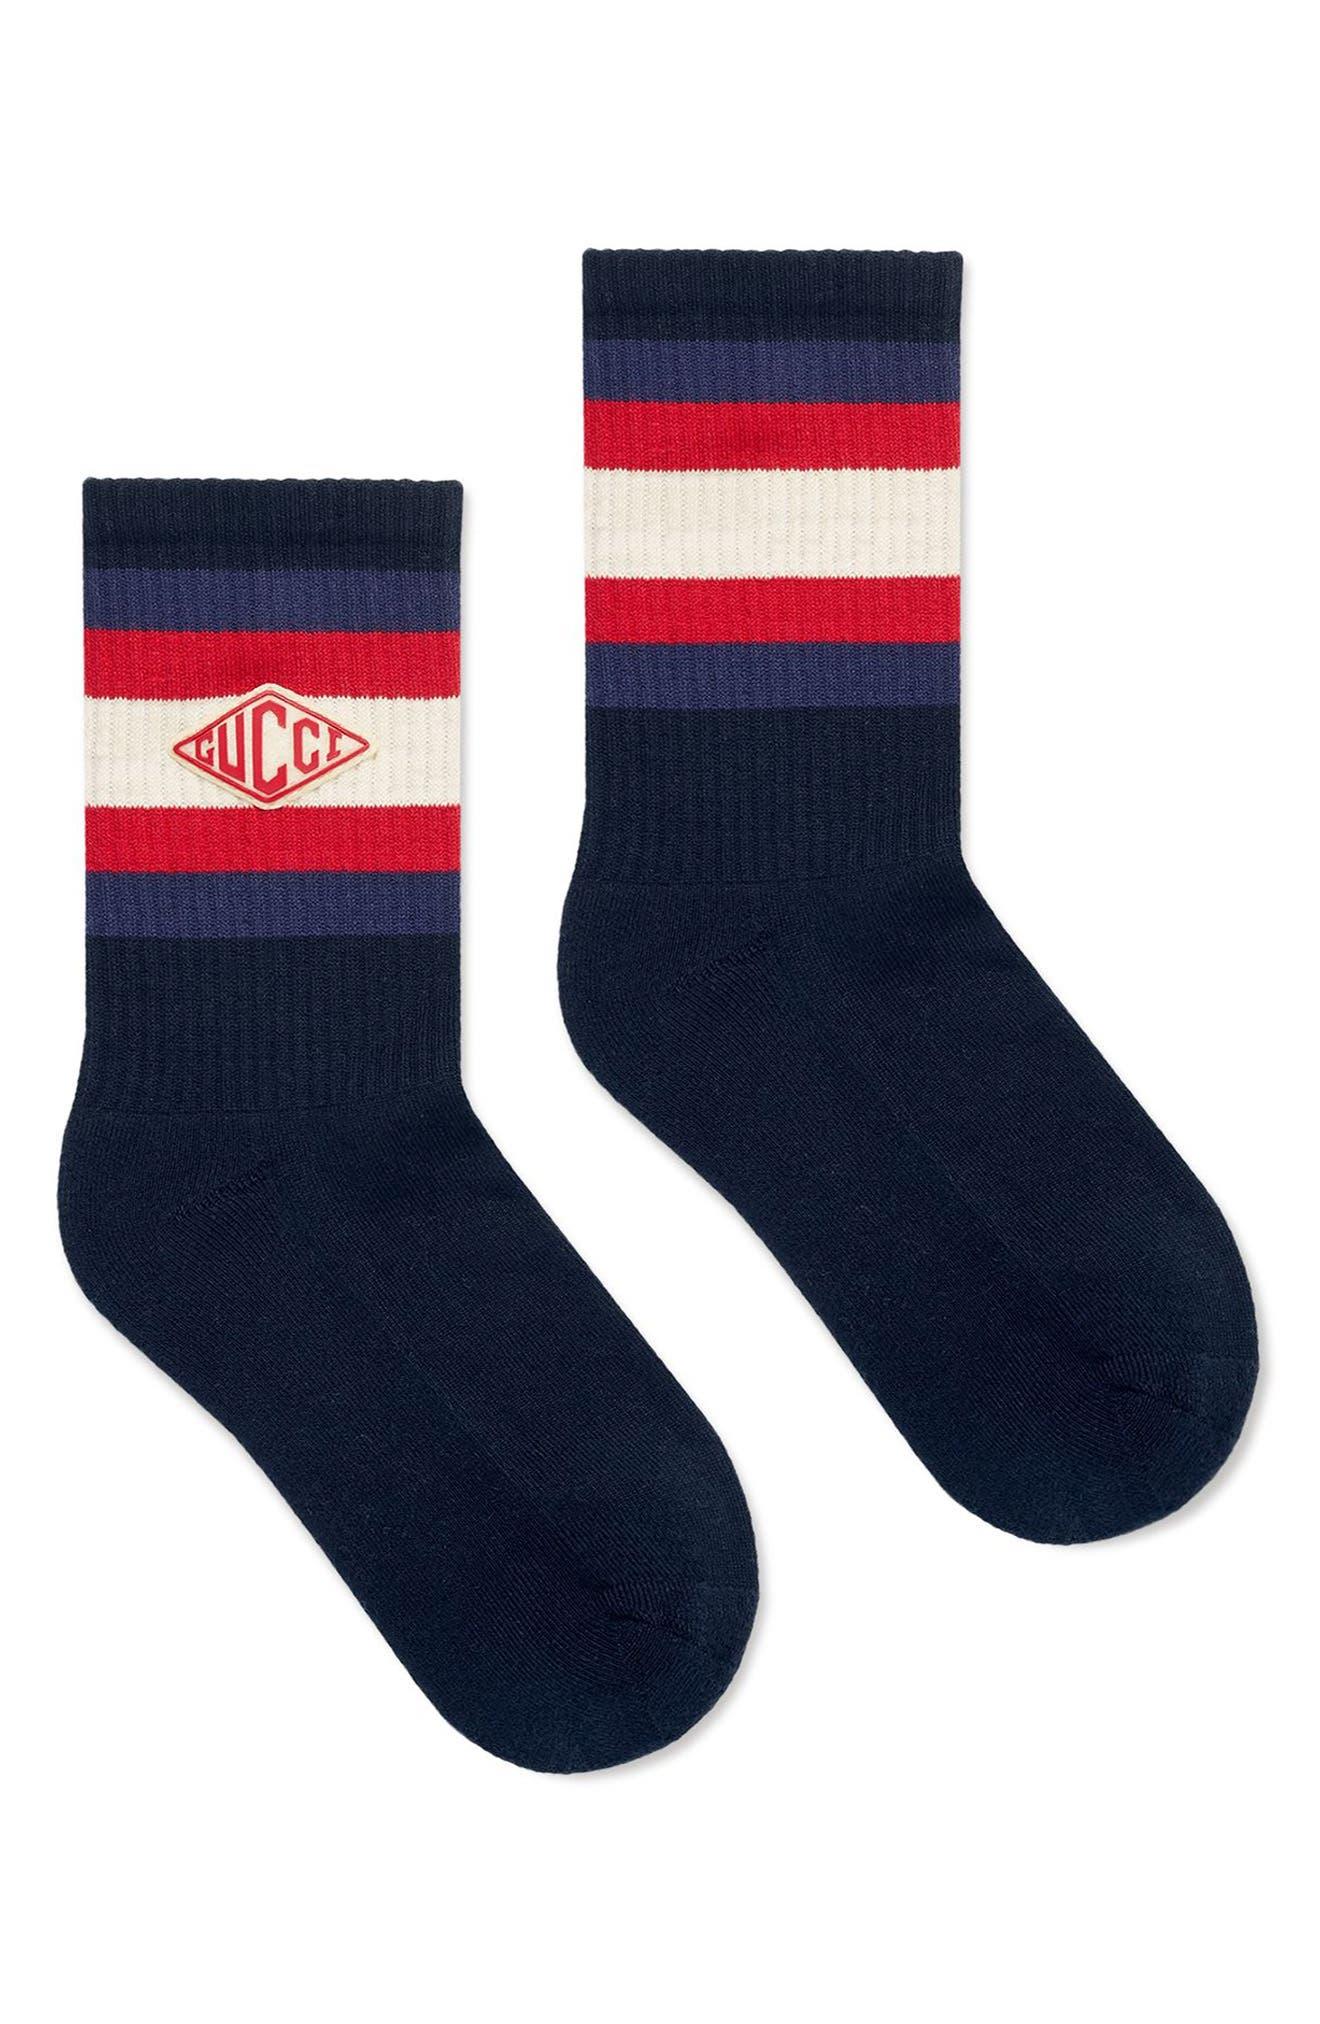 New Logo Socks,                             Alternate thumbnail 2, color,                             403